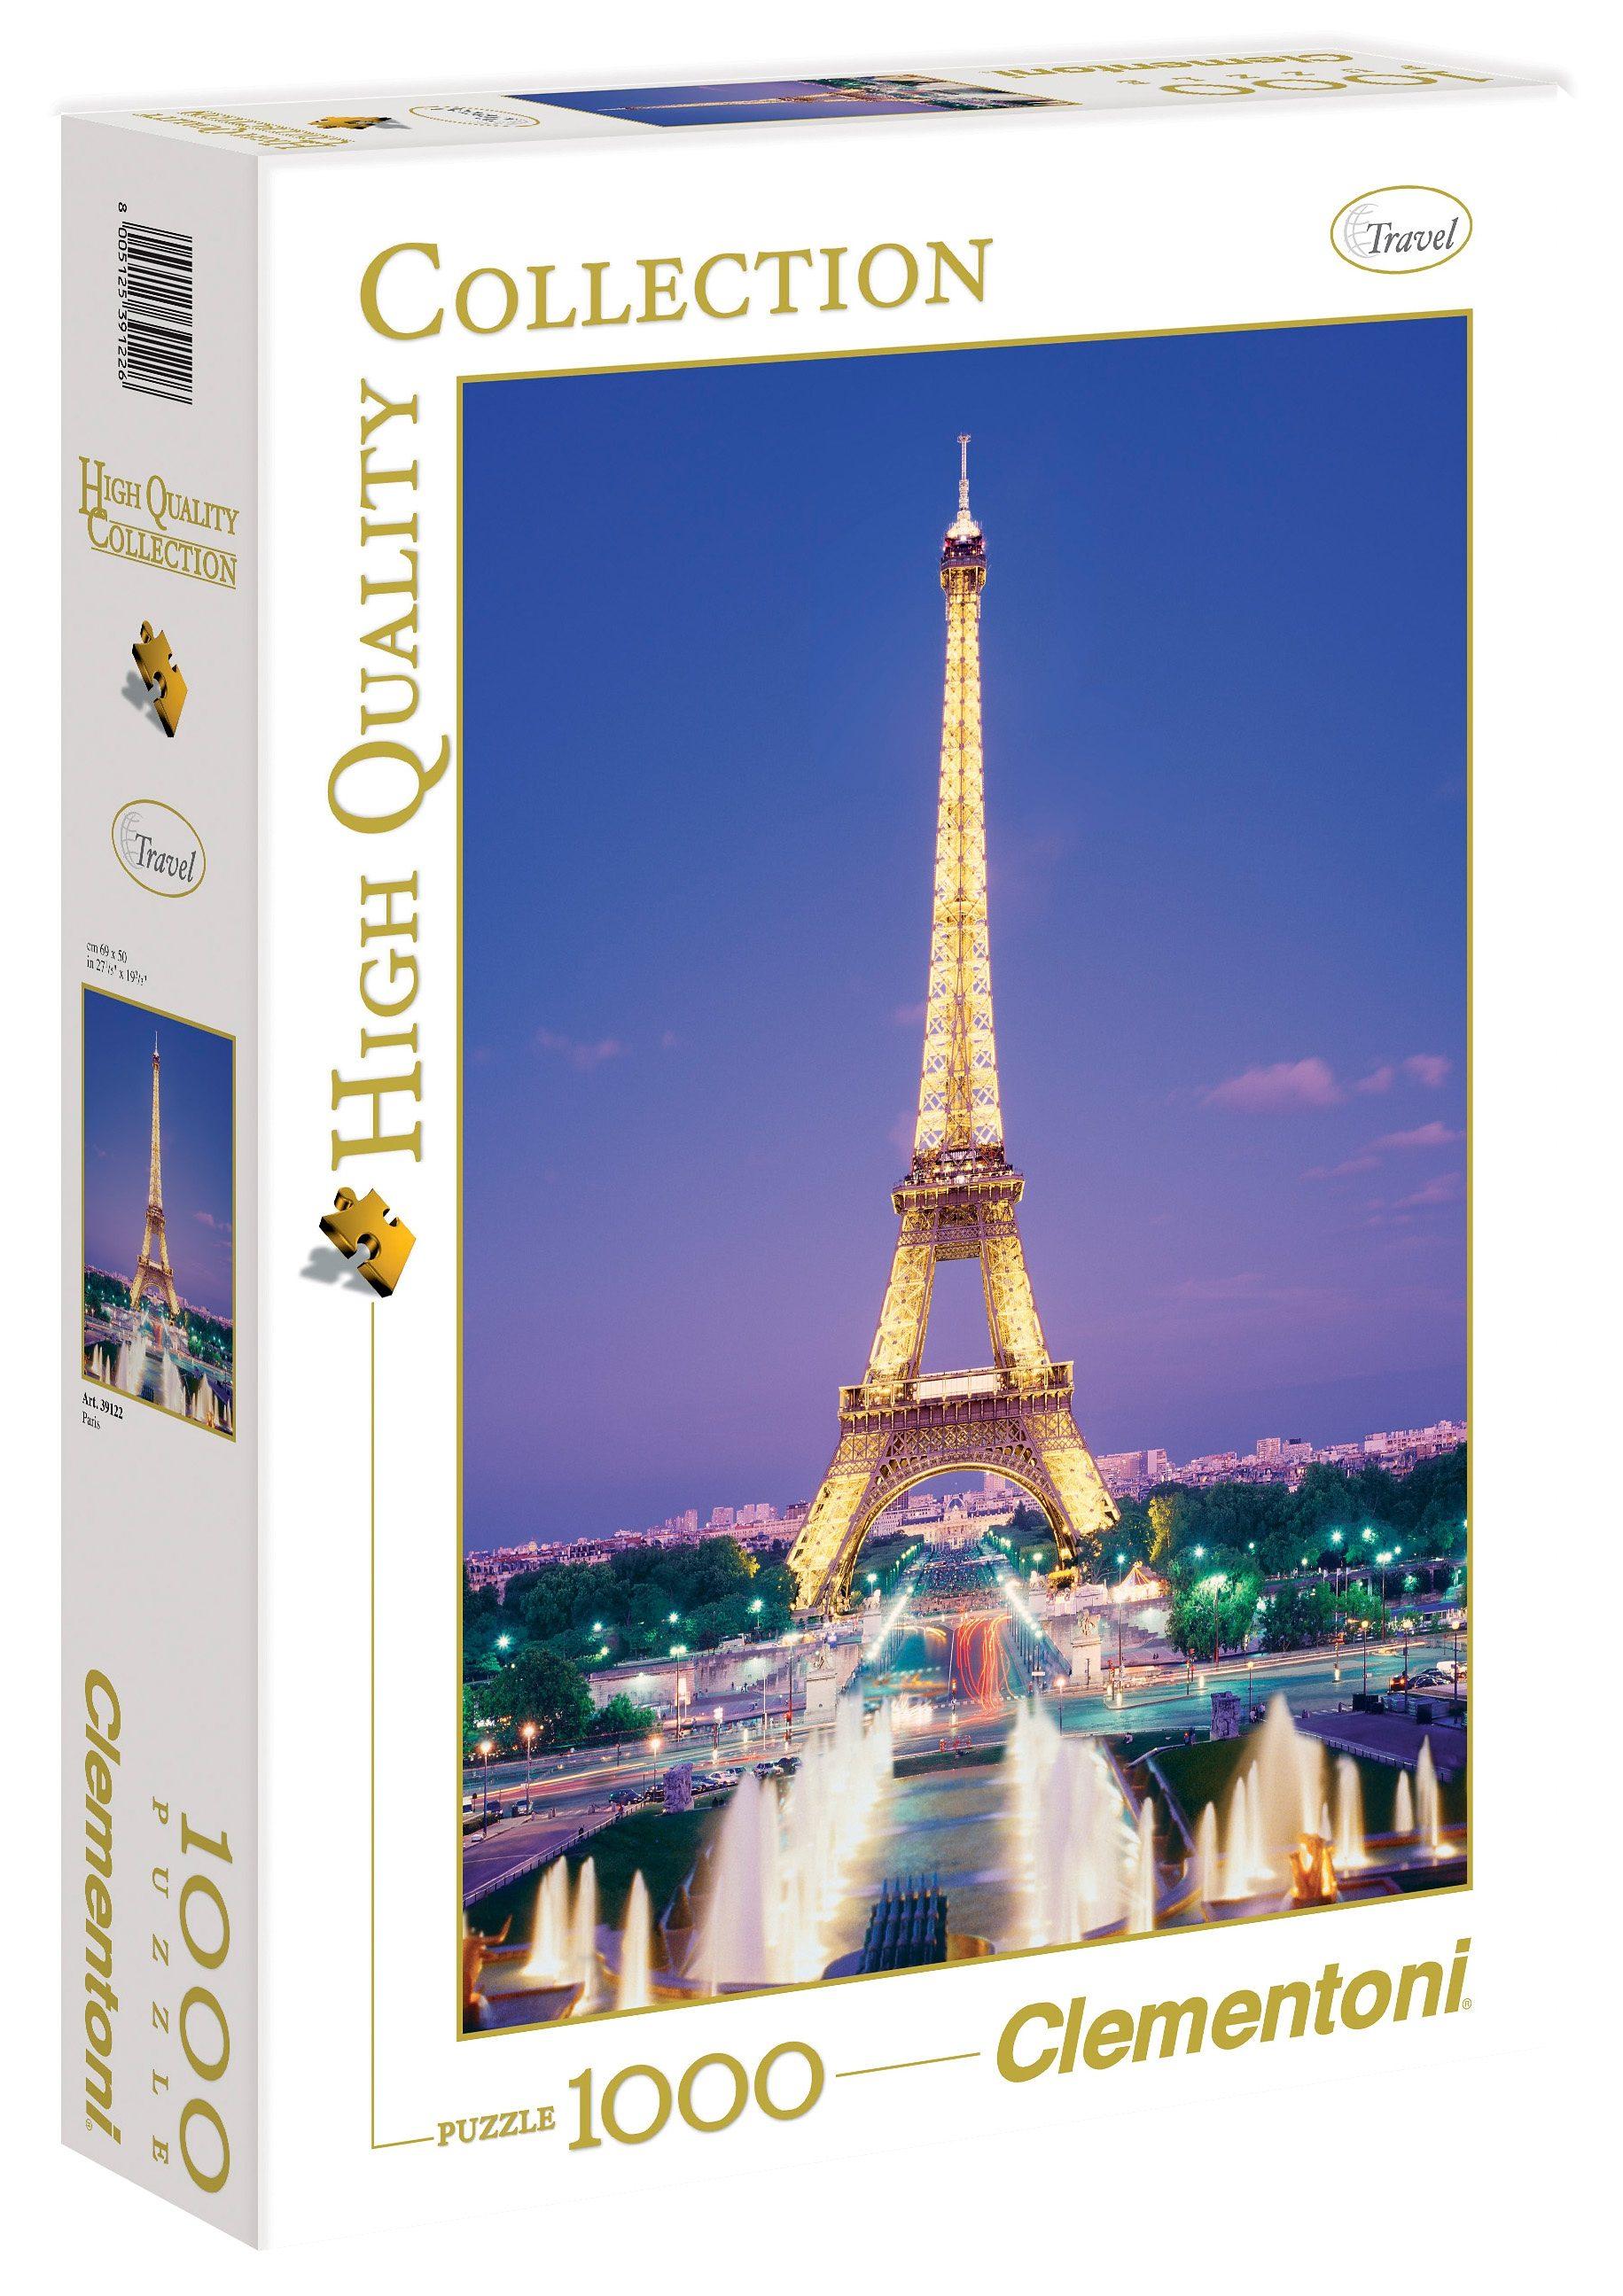 Clementoni Puzzle, 1000 Teile, »Paris«